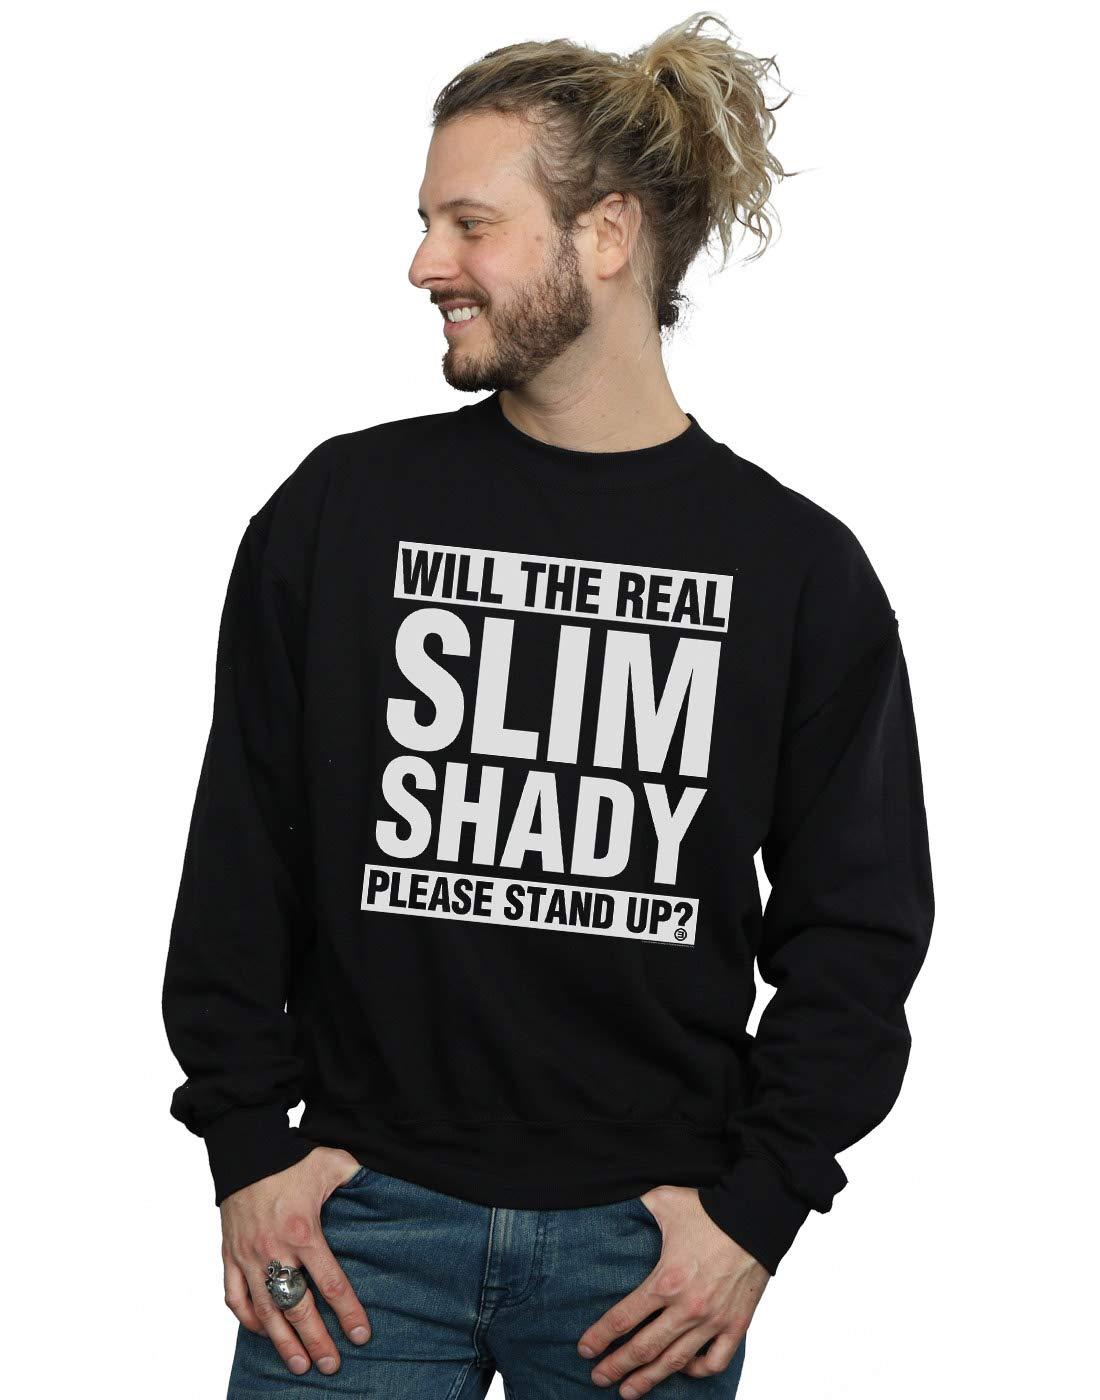 Eminem Real Shady 2667 Shirts